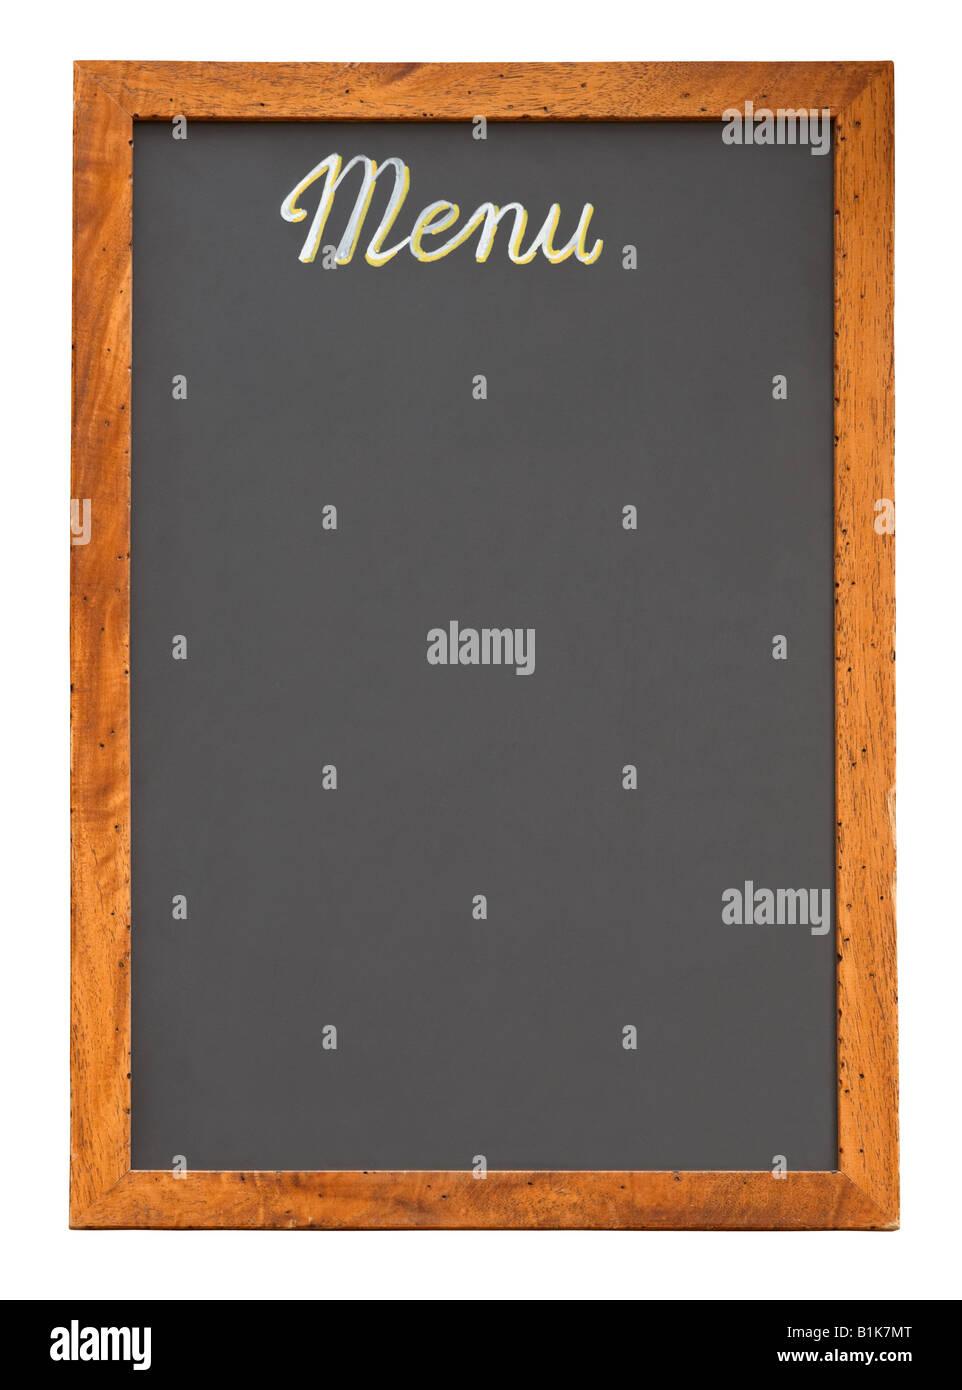 El menú del restaurante vacío pizarra aislado sobre fondo blanco. Imagen De Stock